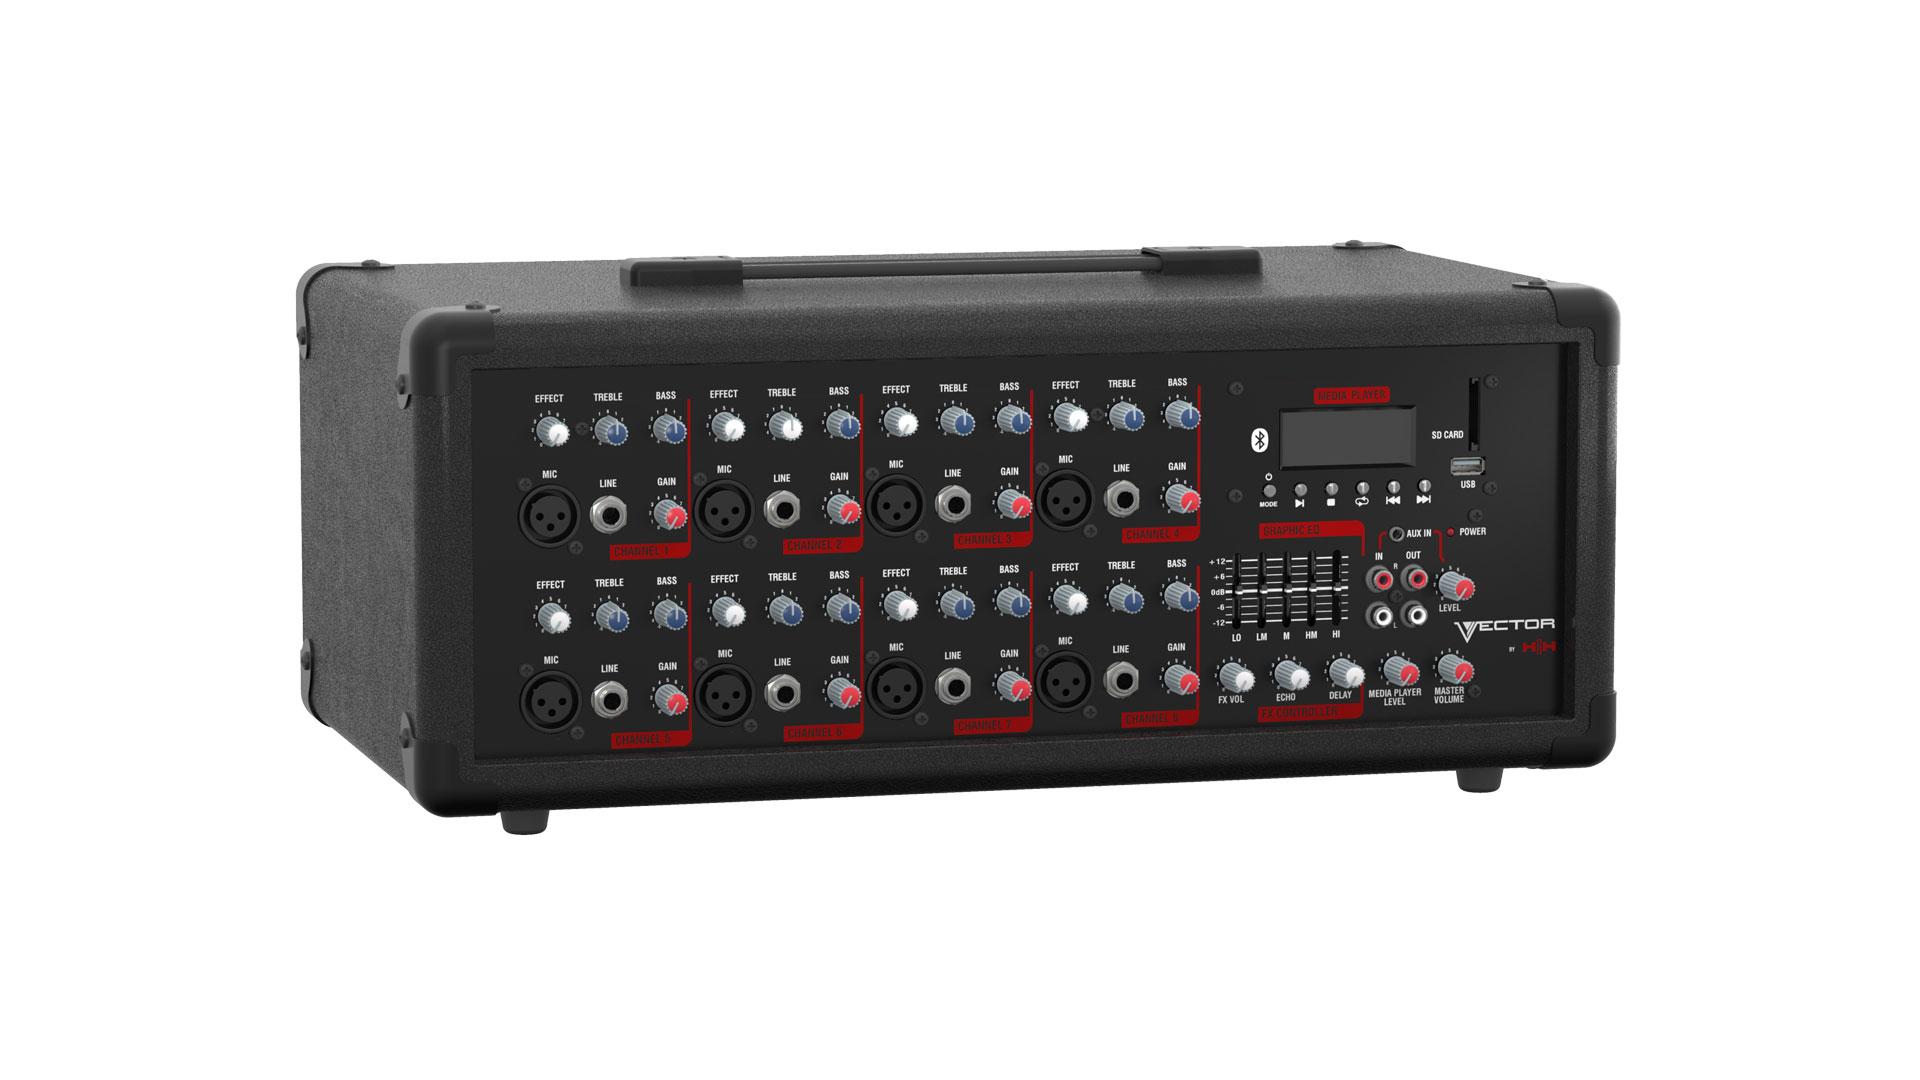 VRH-600